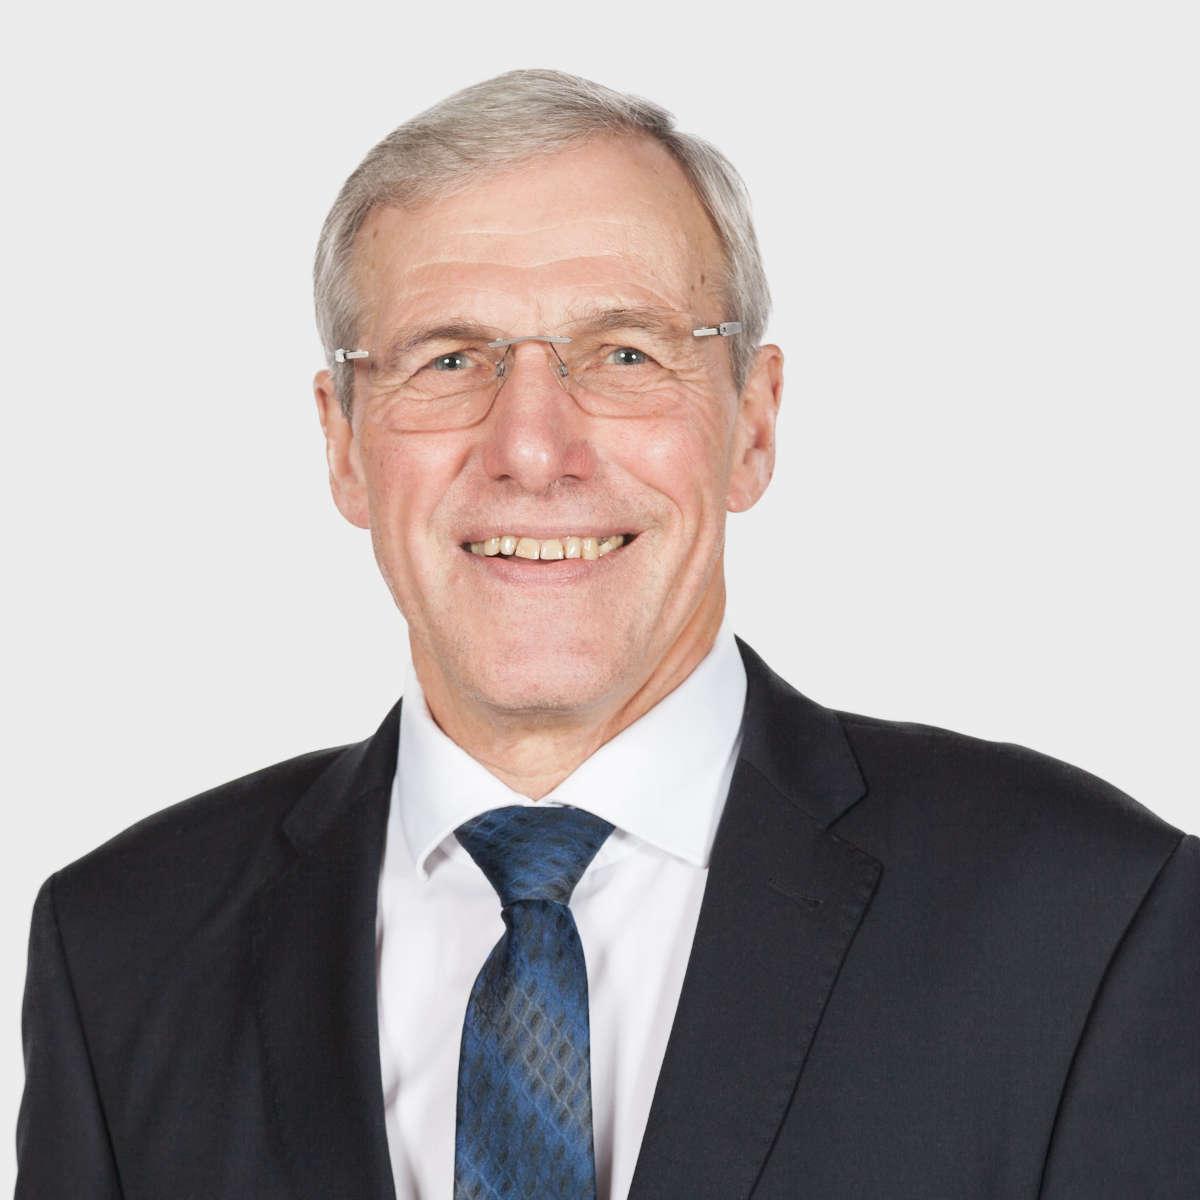 Präsident des Bundesverbands Kraft-Wärme-Kopplung e.V. (B.KWK) - Jury-Mitglied des Dachs Award 2021